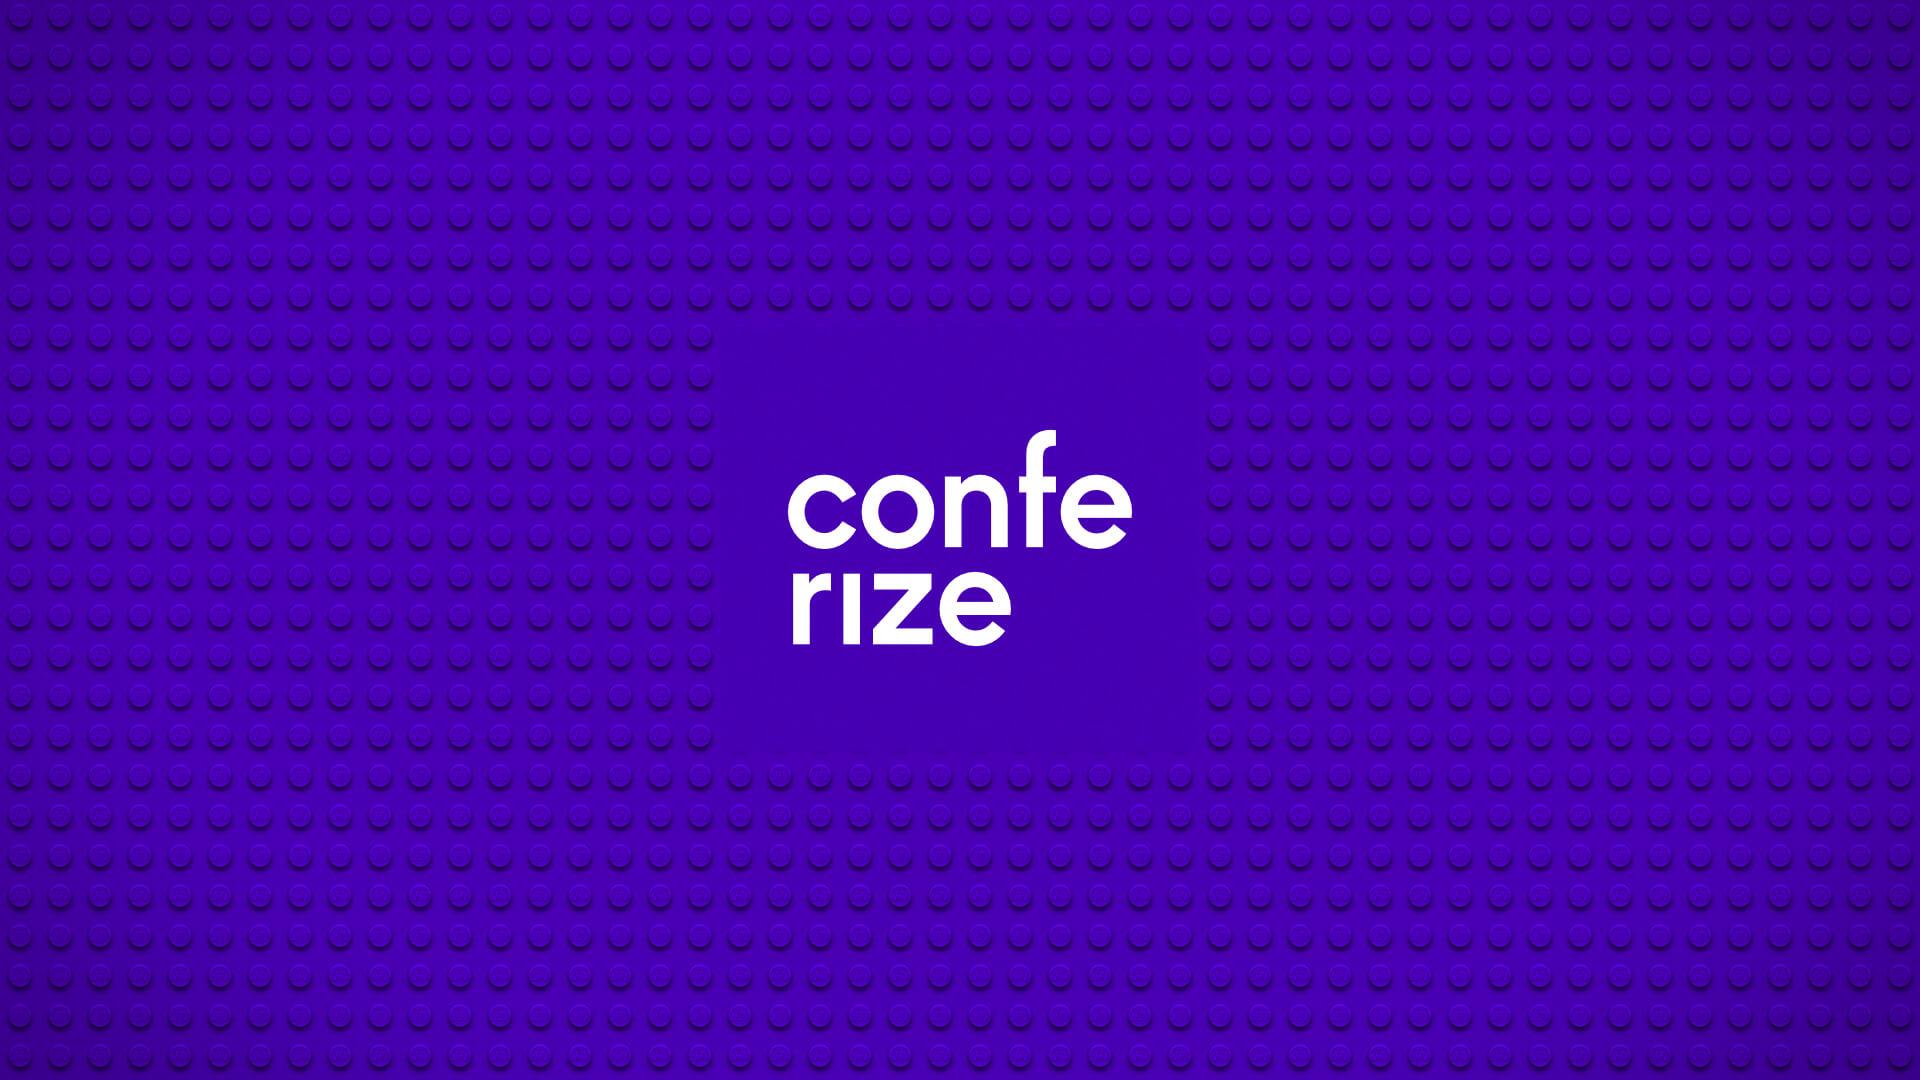 Conferize Design System